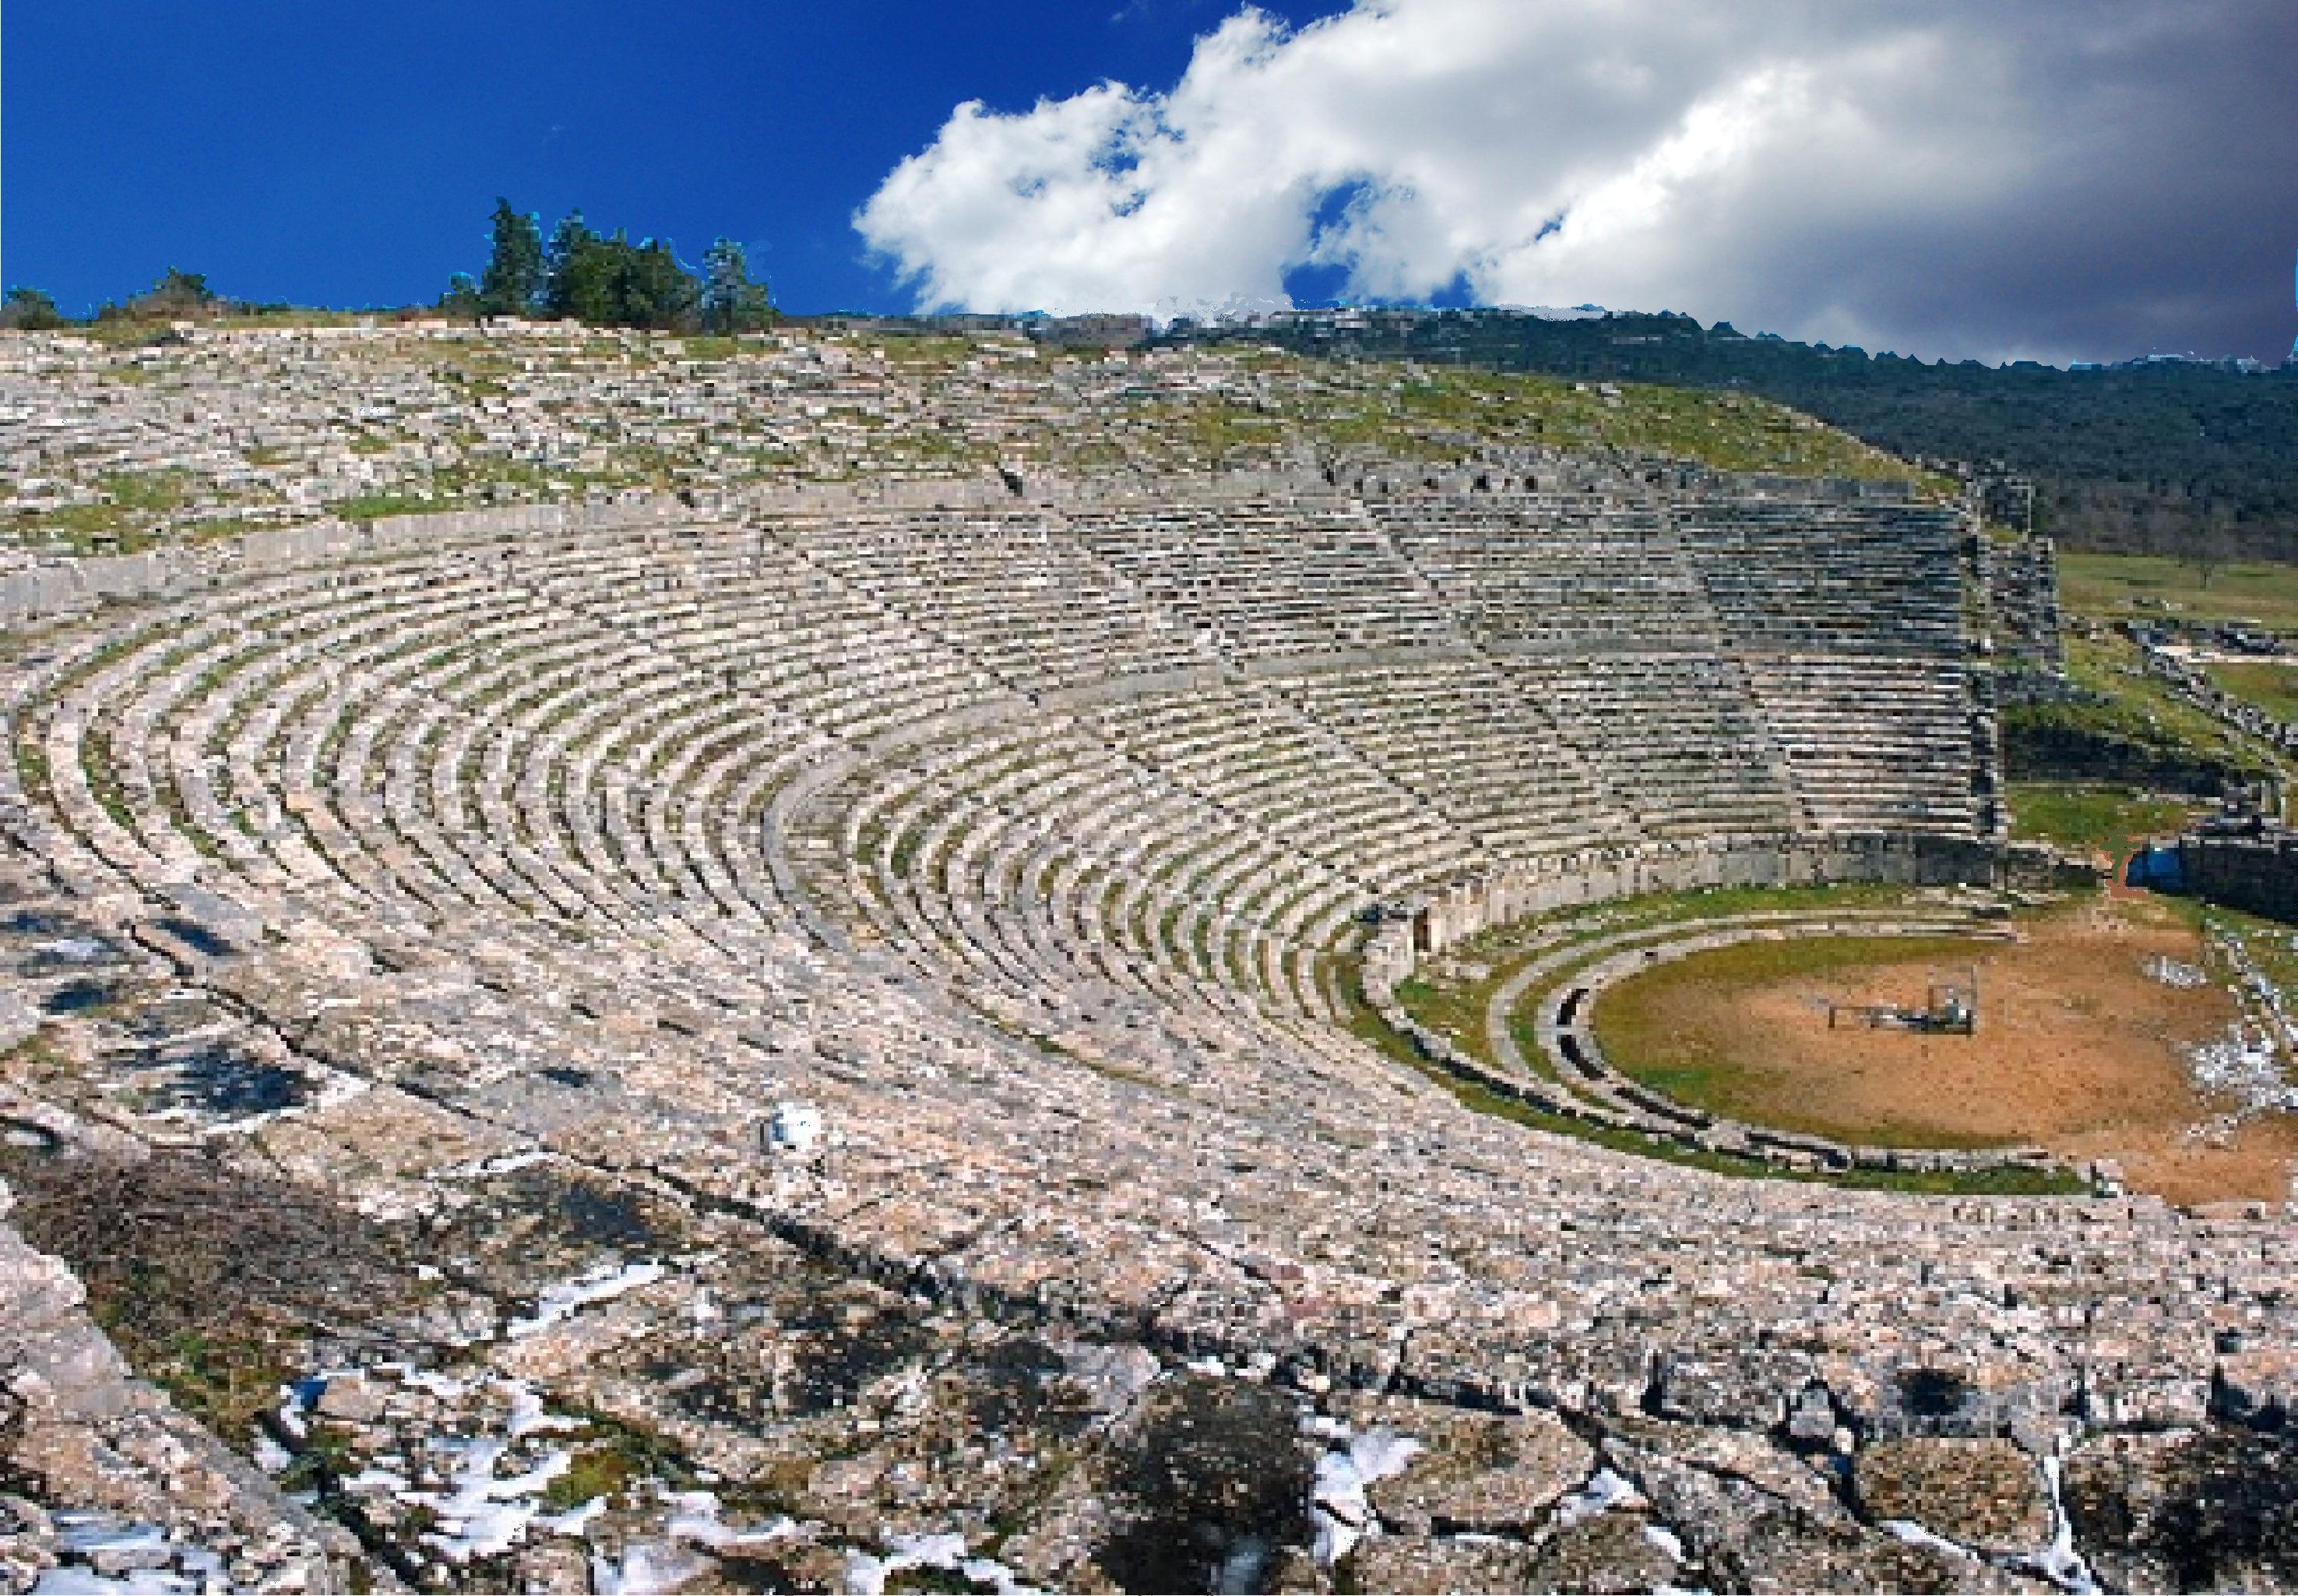 Κουίζ για τις αρχαίες ελληνικές τραγωδίες. Ποιον αδελφό έκλαιγε η Αντιγόνη; Από ποιο έργο εμπνεύστηκε ο Φρόιντ;